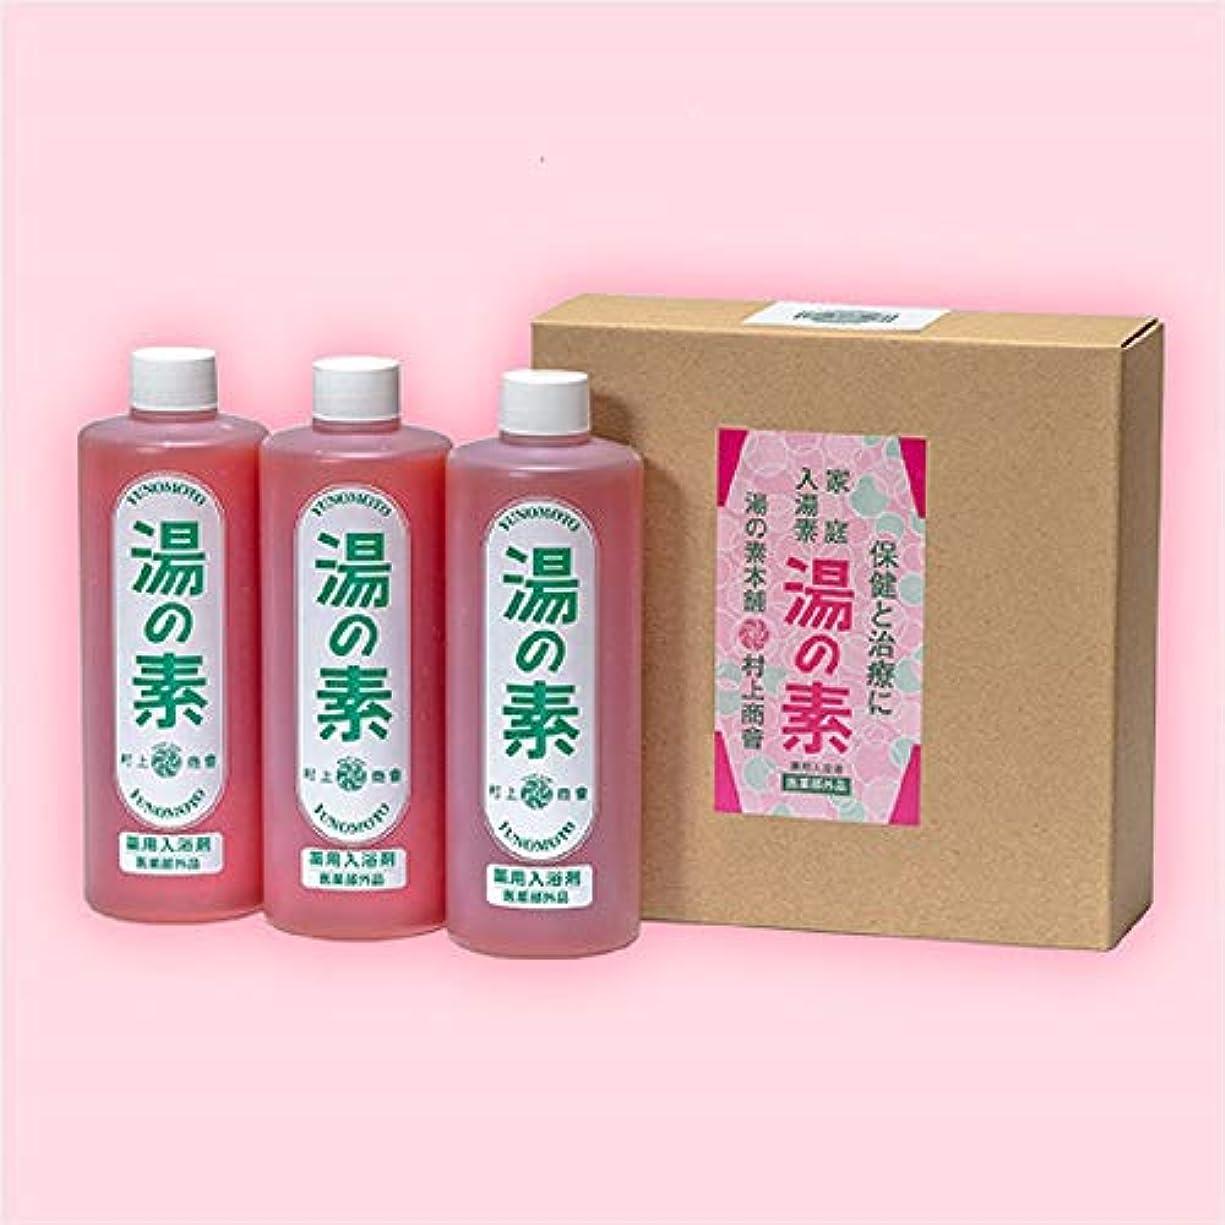 デザイナー誕生サワー薬用入浴剤 湯の素 [医薬部外品] 490g(約50回分) 3本セット